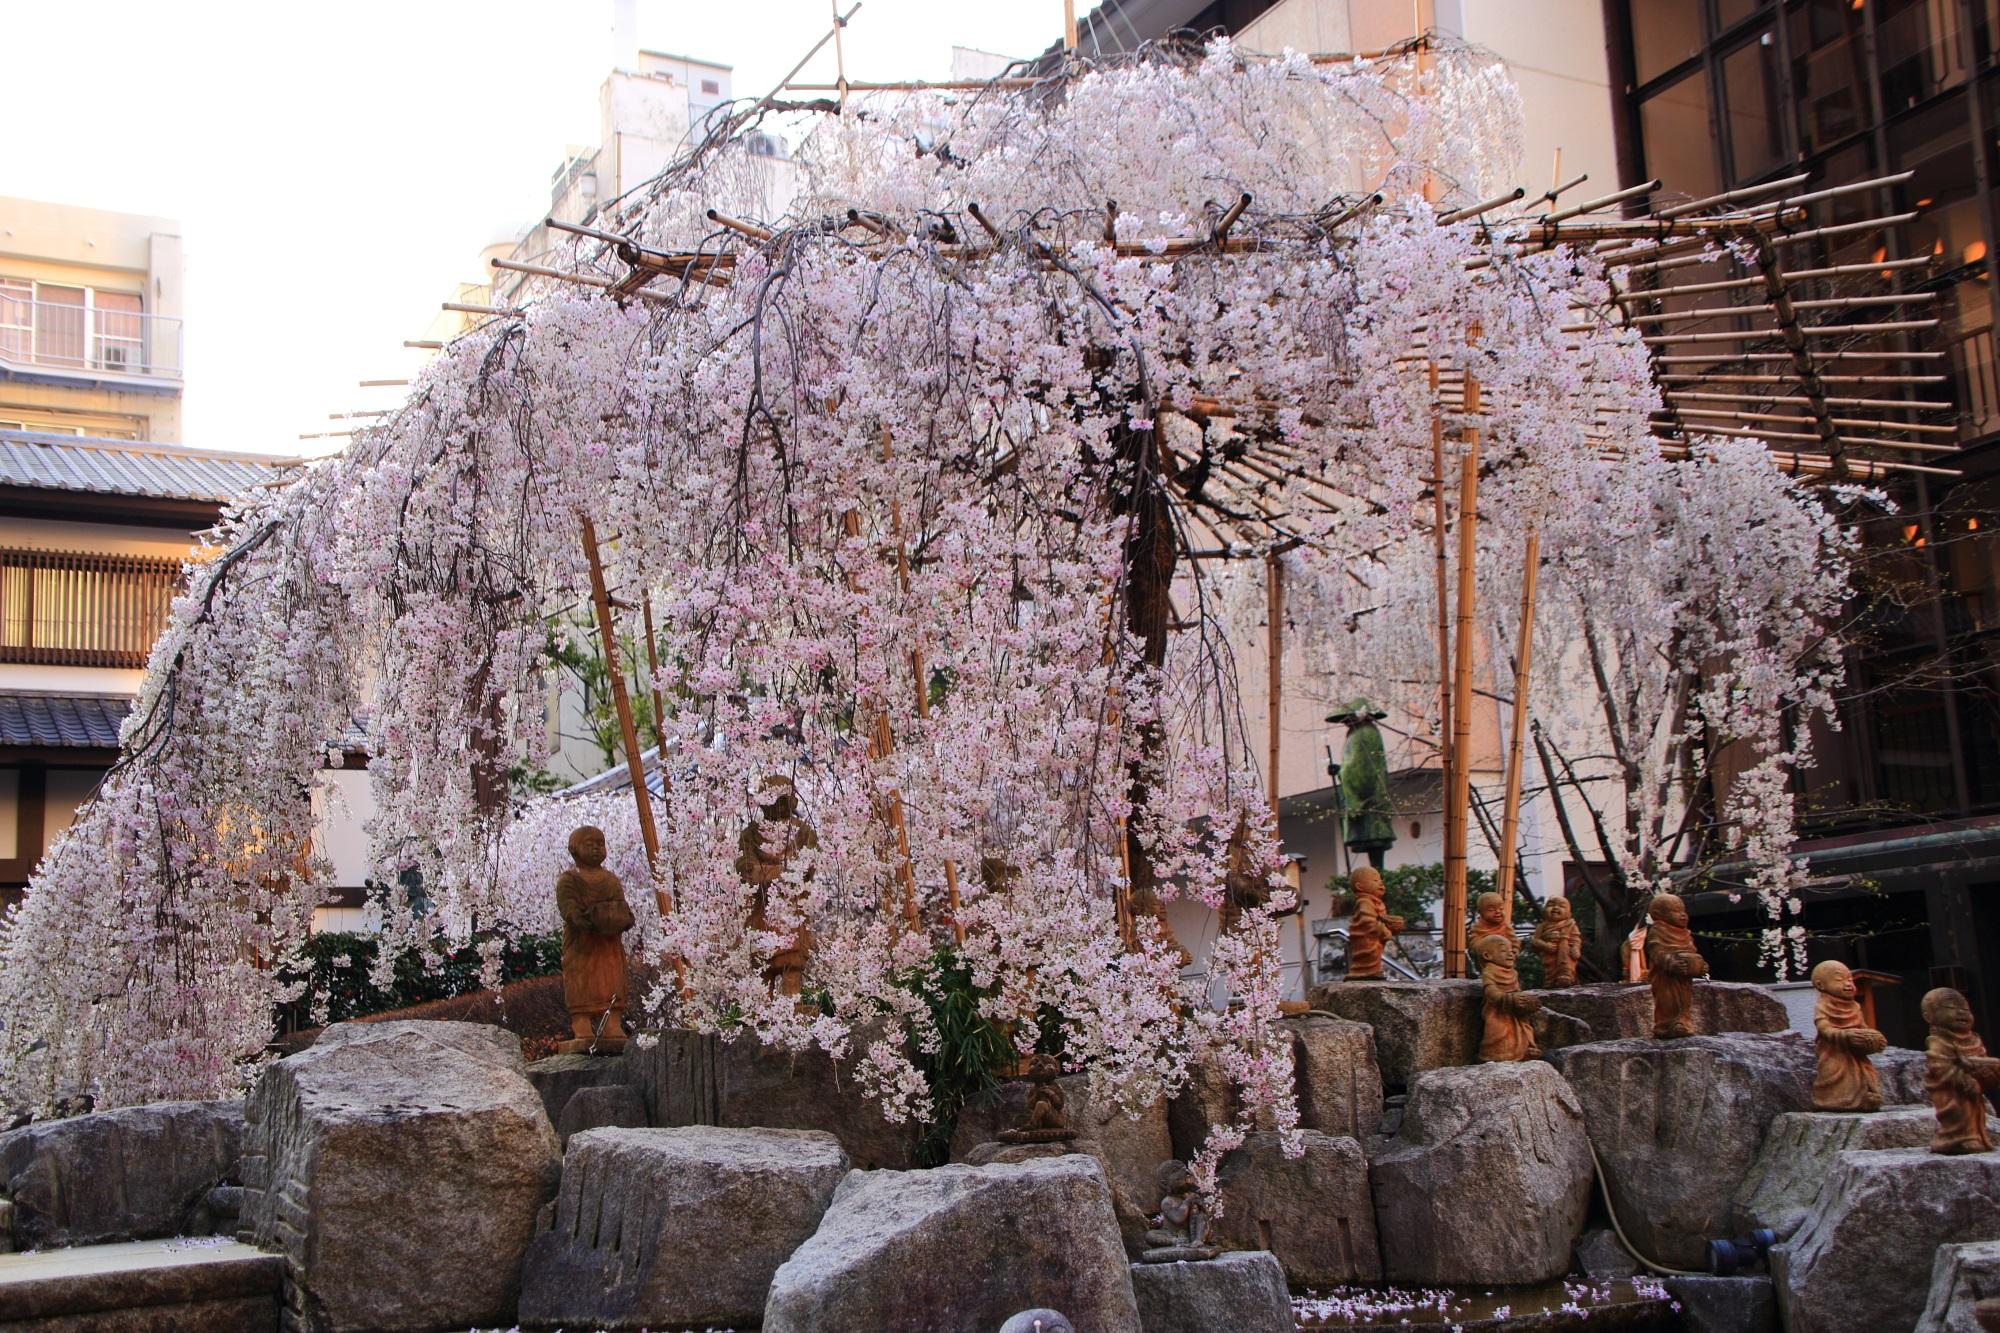 桜の穴場の六角堂の御幸桜(しだれ桜)